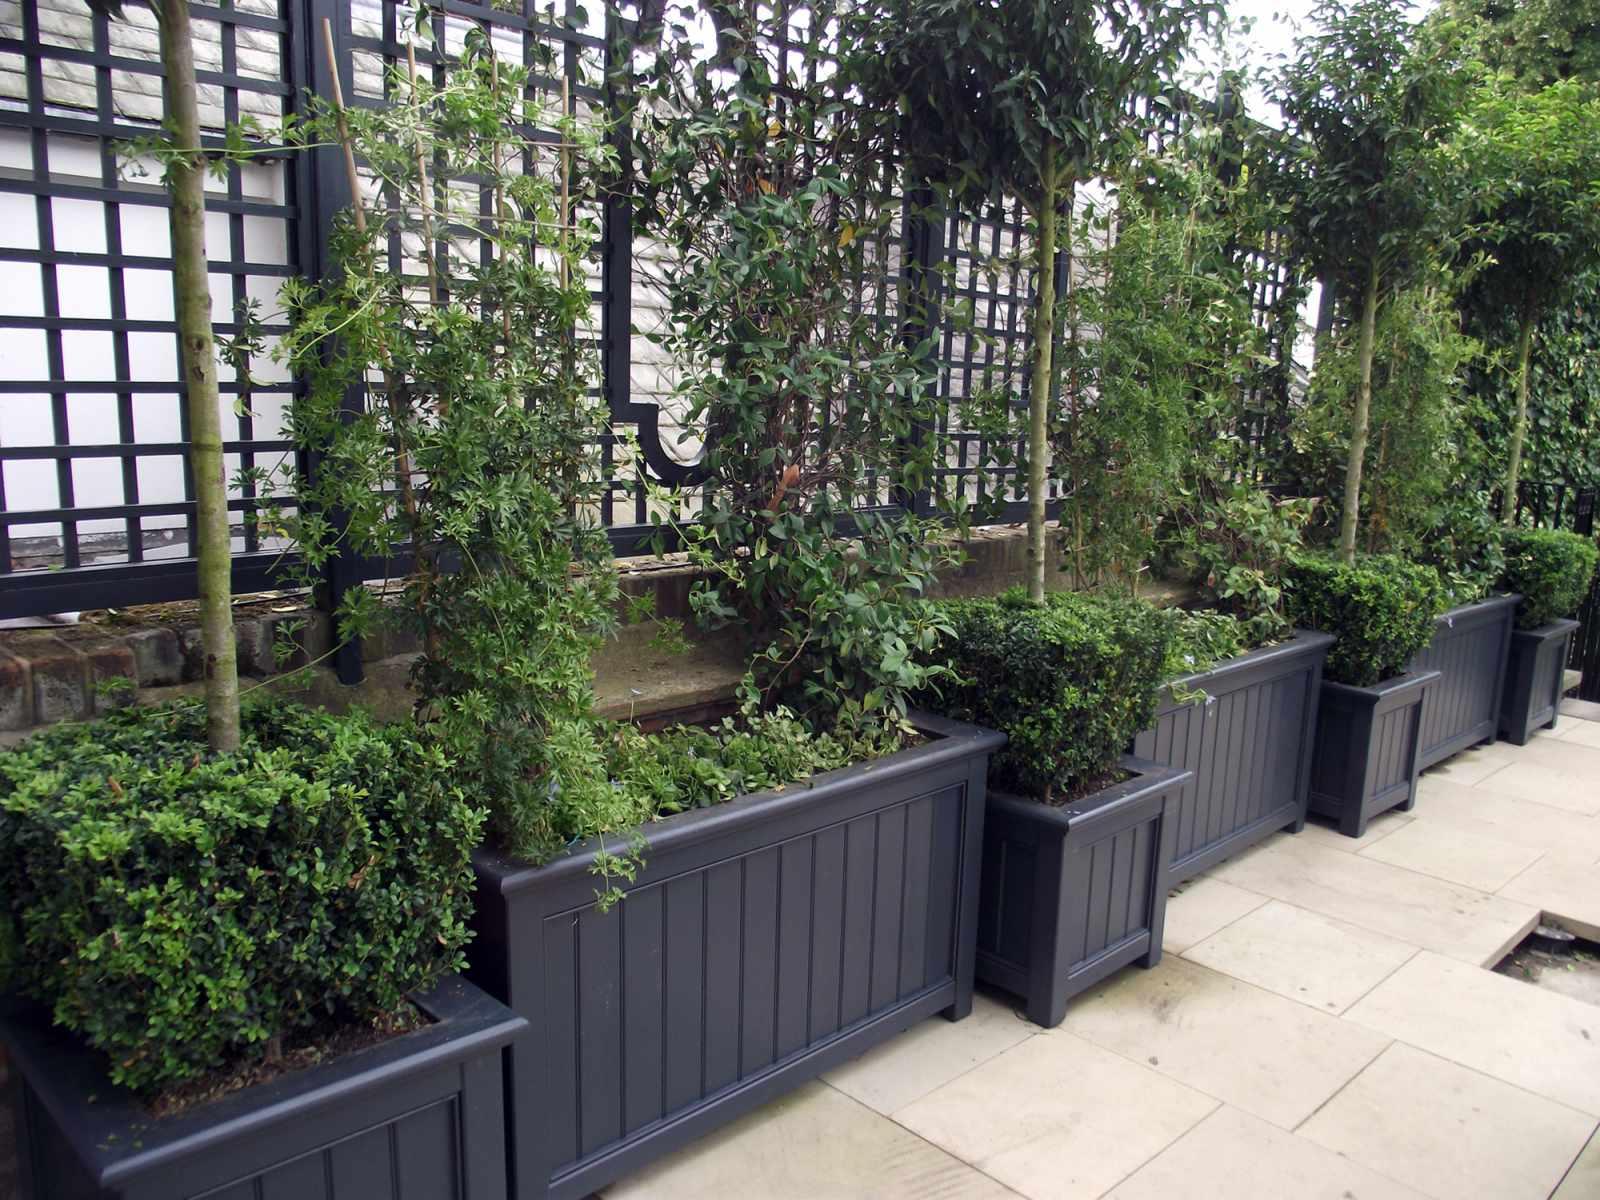 Wooden Garden Planters Amp Obelisks Amp Towers Essex Uk The